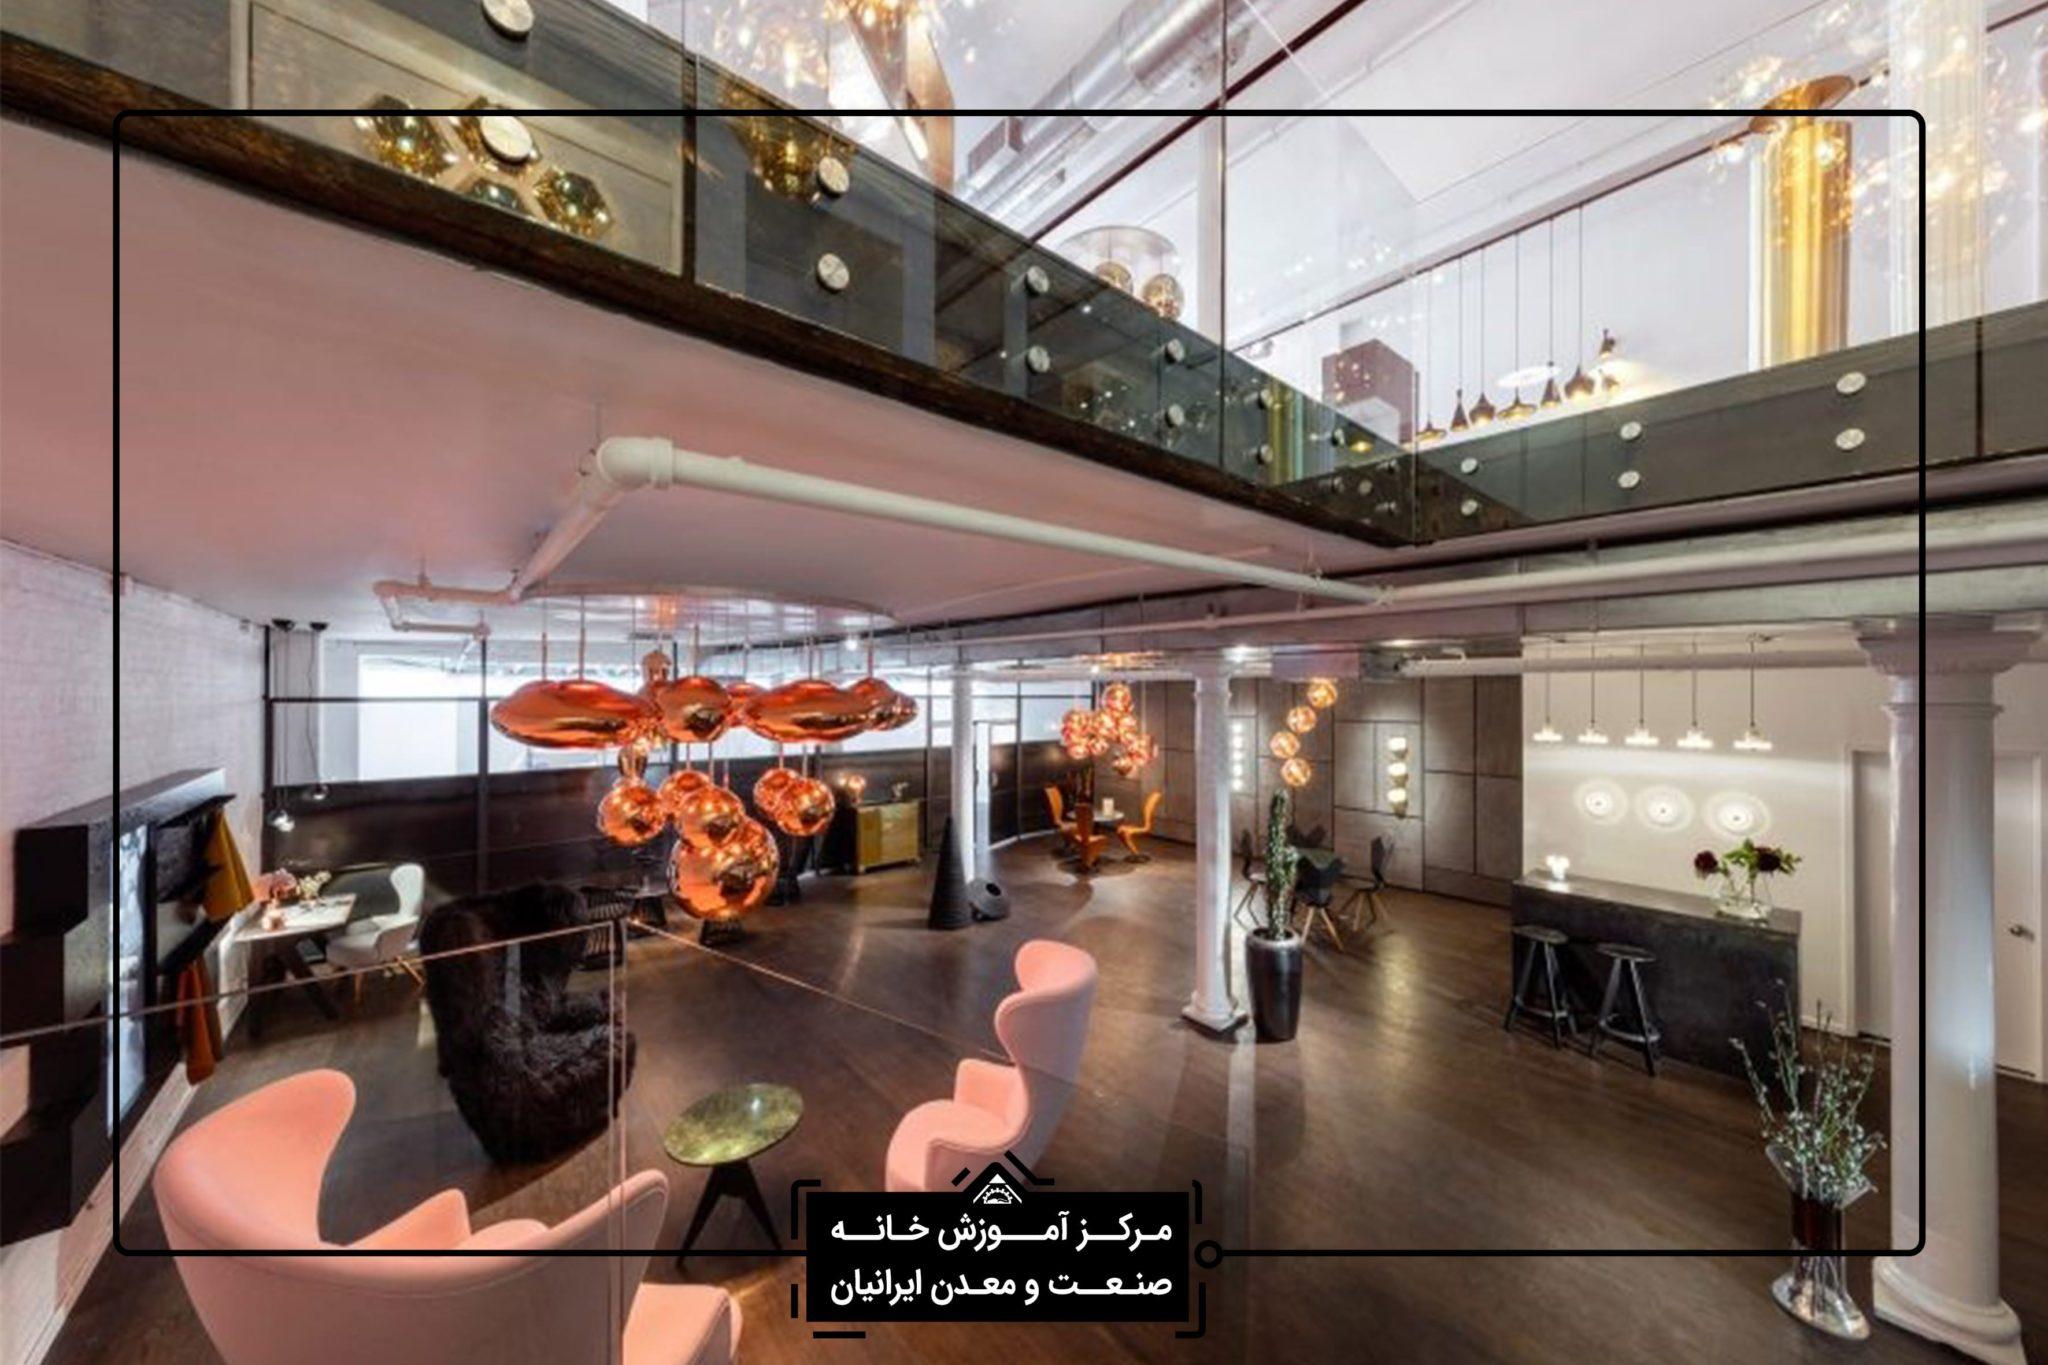 تخصصی معماری در شیراز 1 - دوره جامع طراحی دکوراسیون داخلی در شیراز